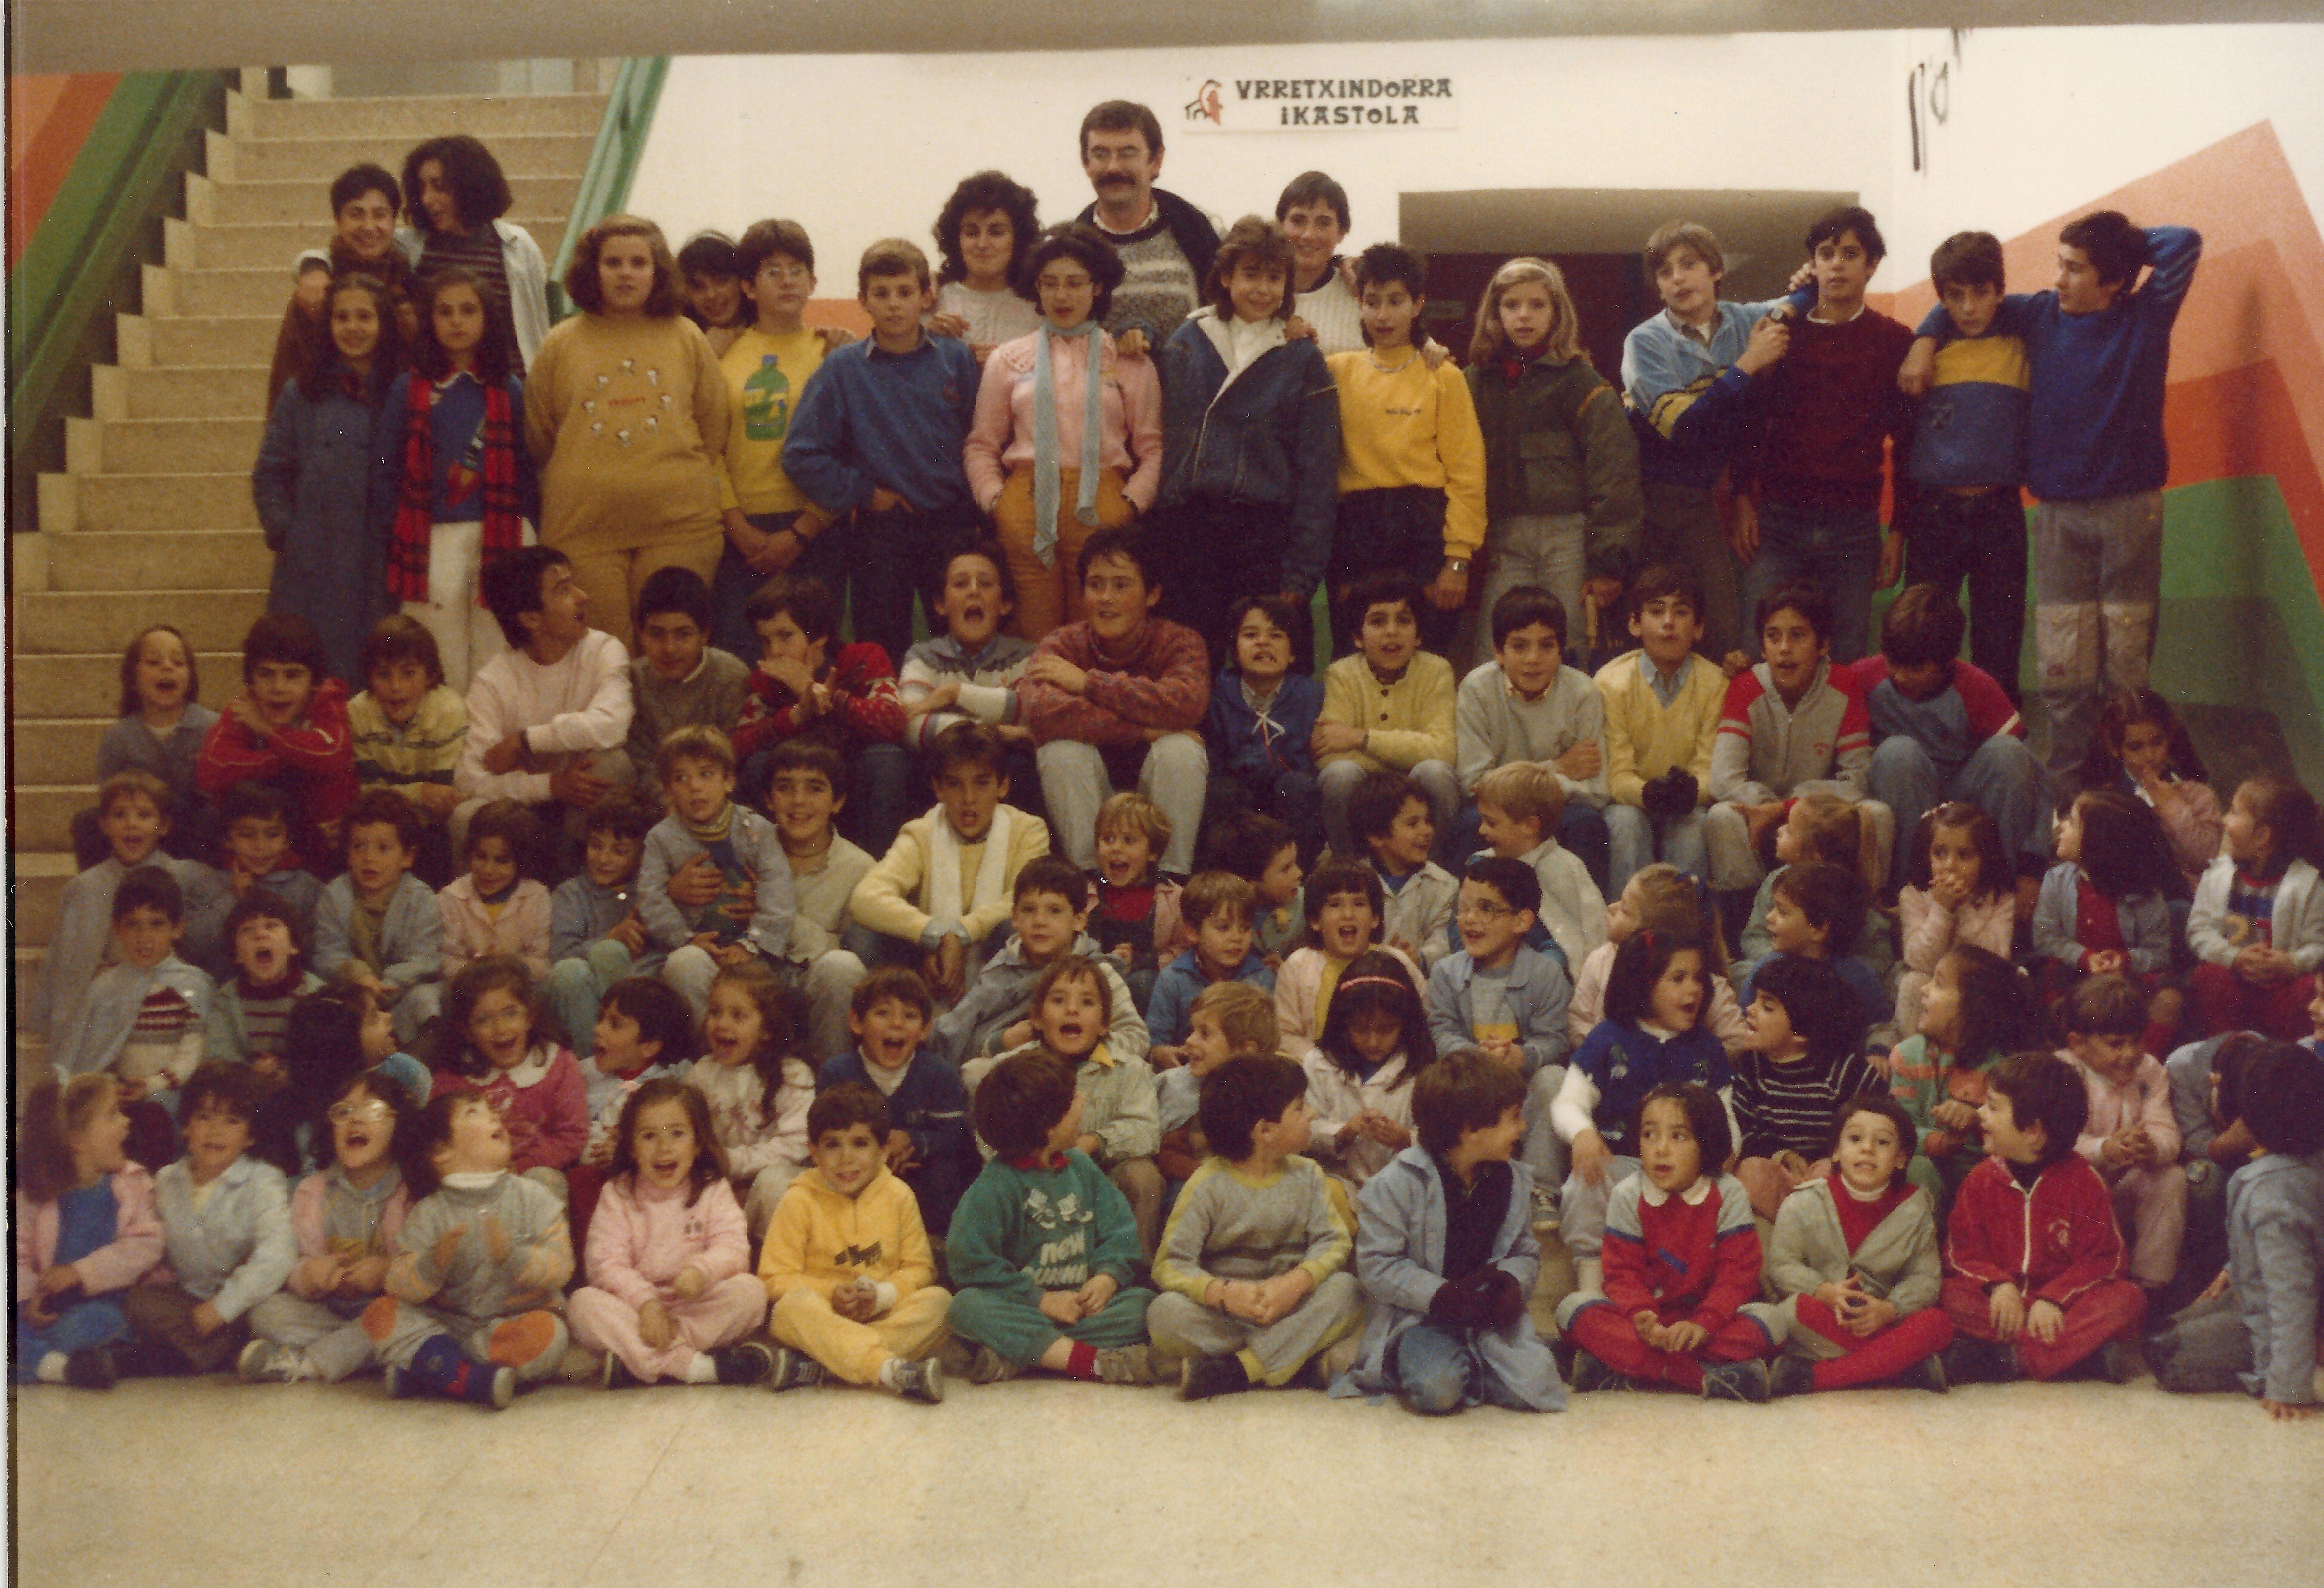 URRETXINDORRA 73 ARGAZKI   (69)